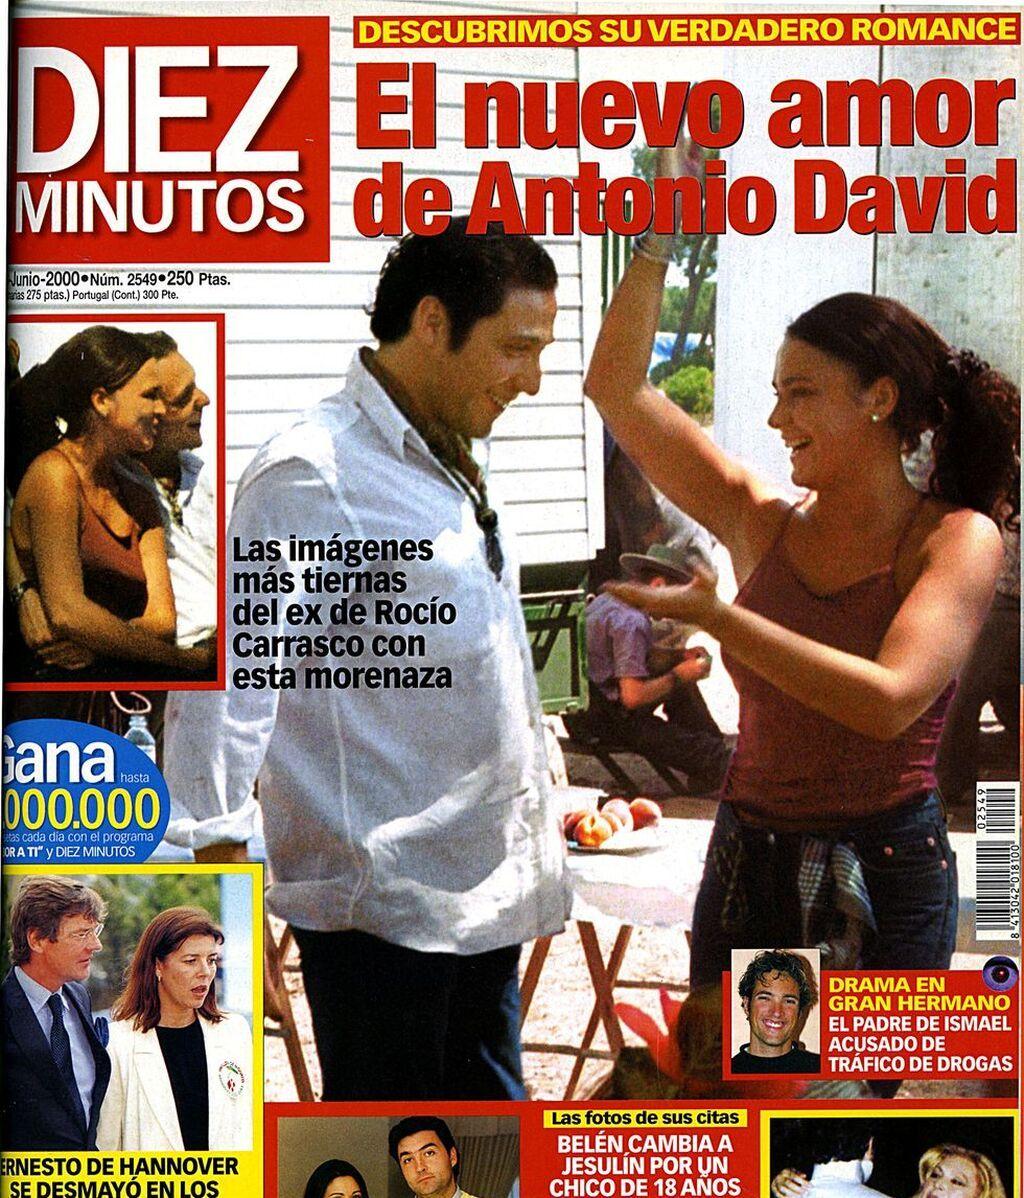 El romance de Antonio David Flores y Olga Moreno